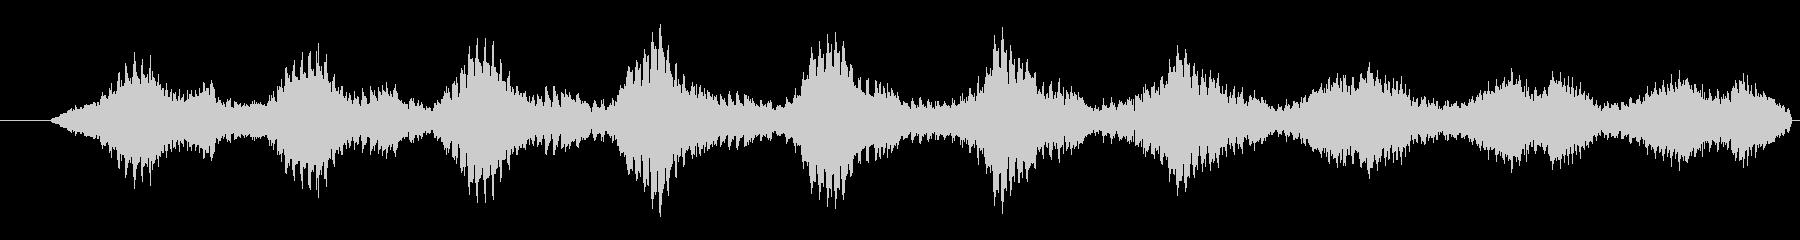 フィクション スペース 宇宙船アラ...の未再生の波形